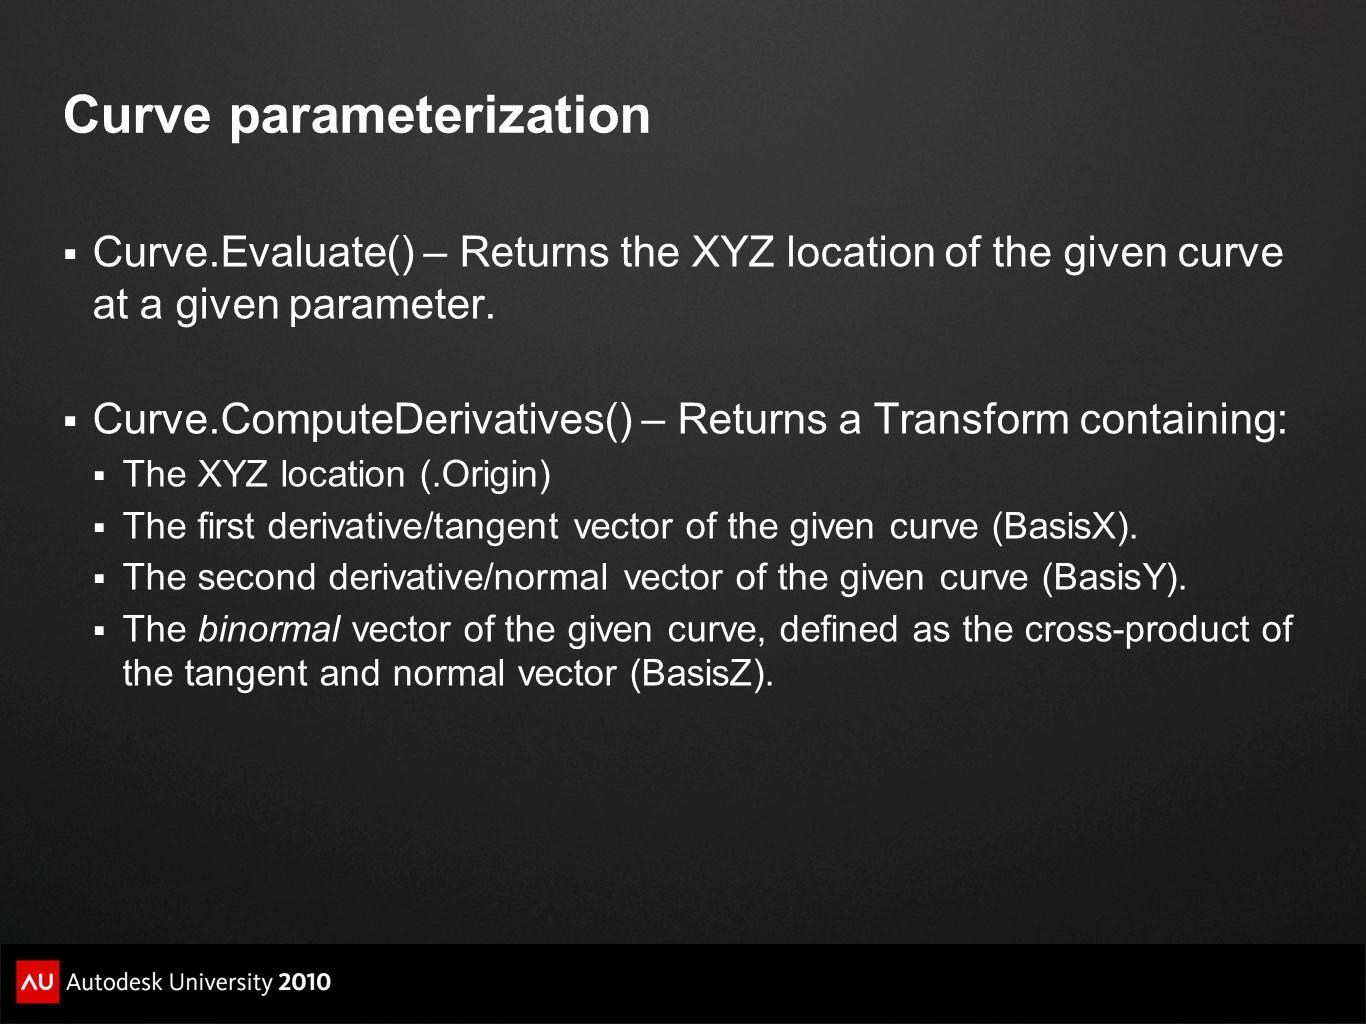 Curve parameterization